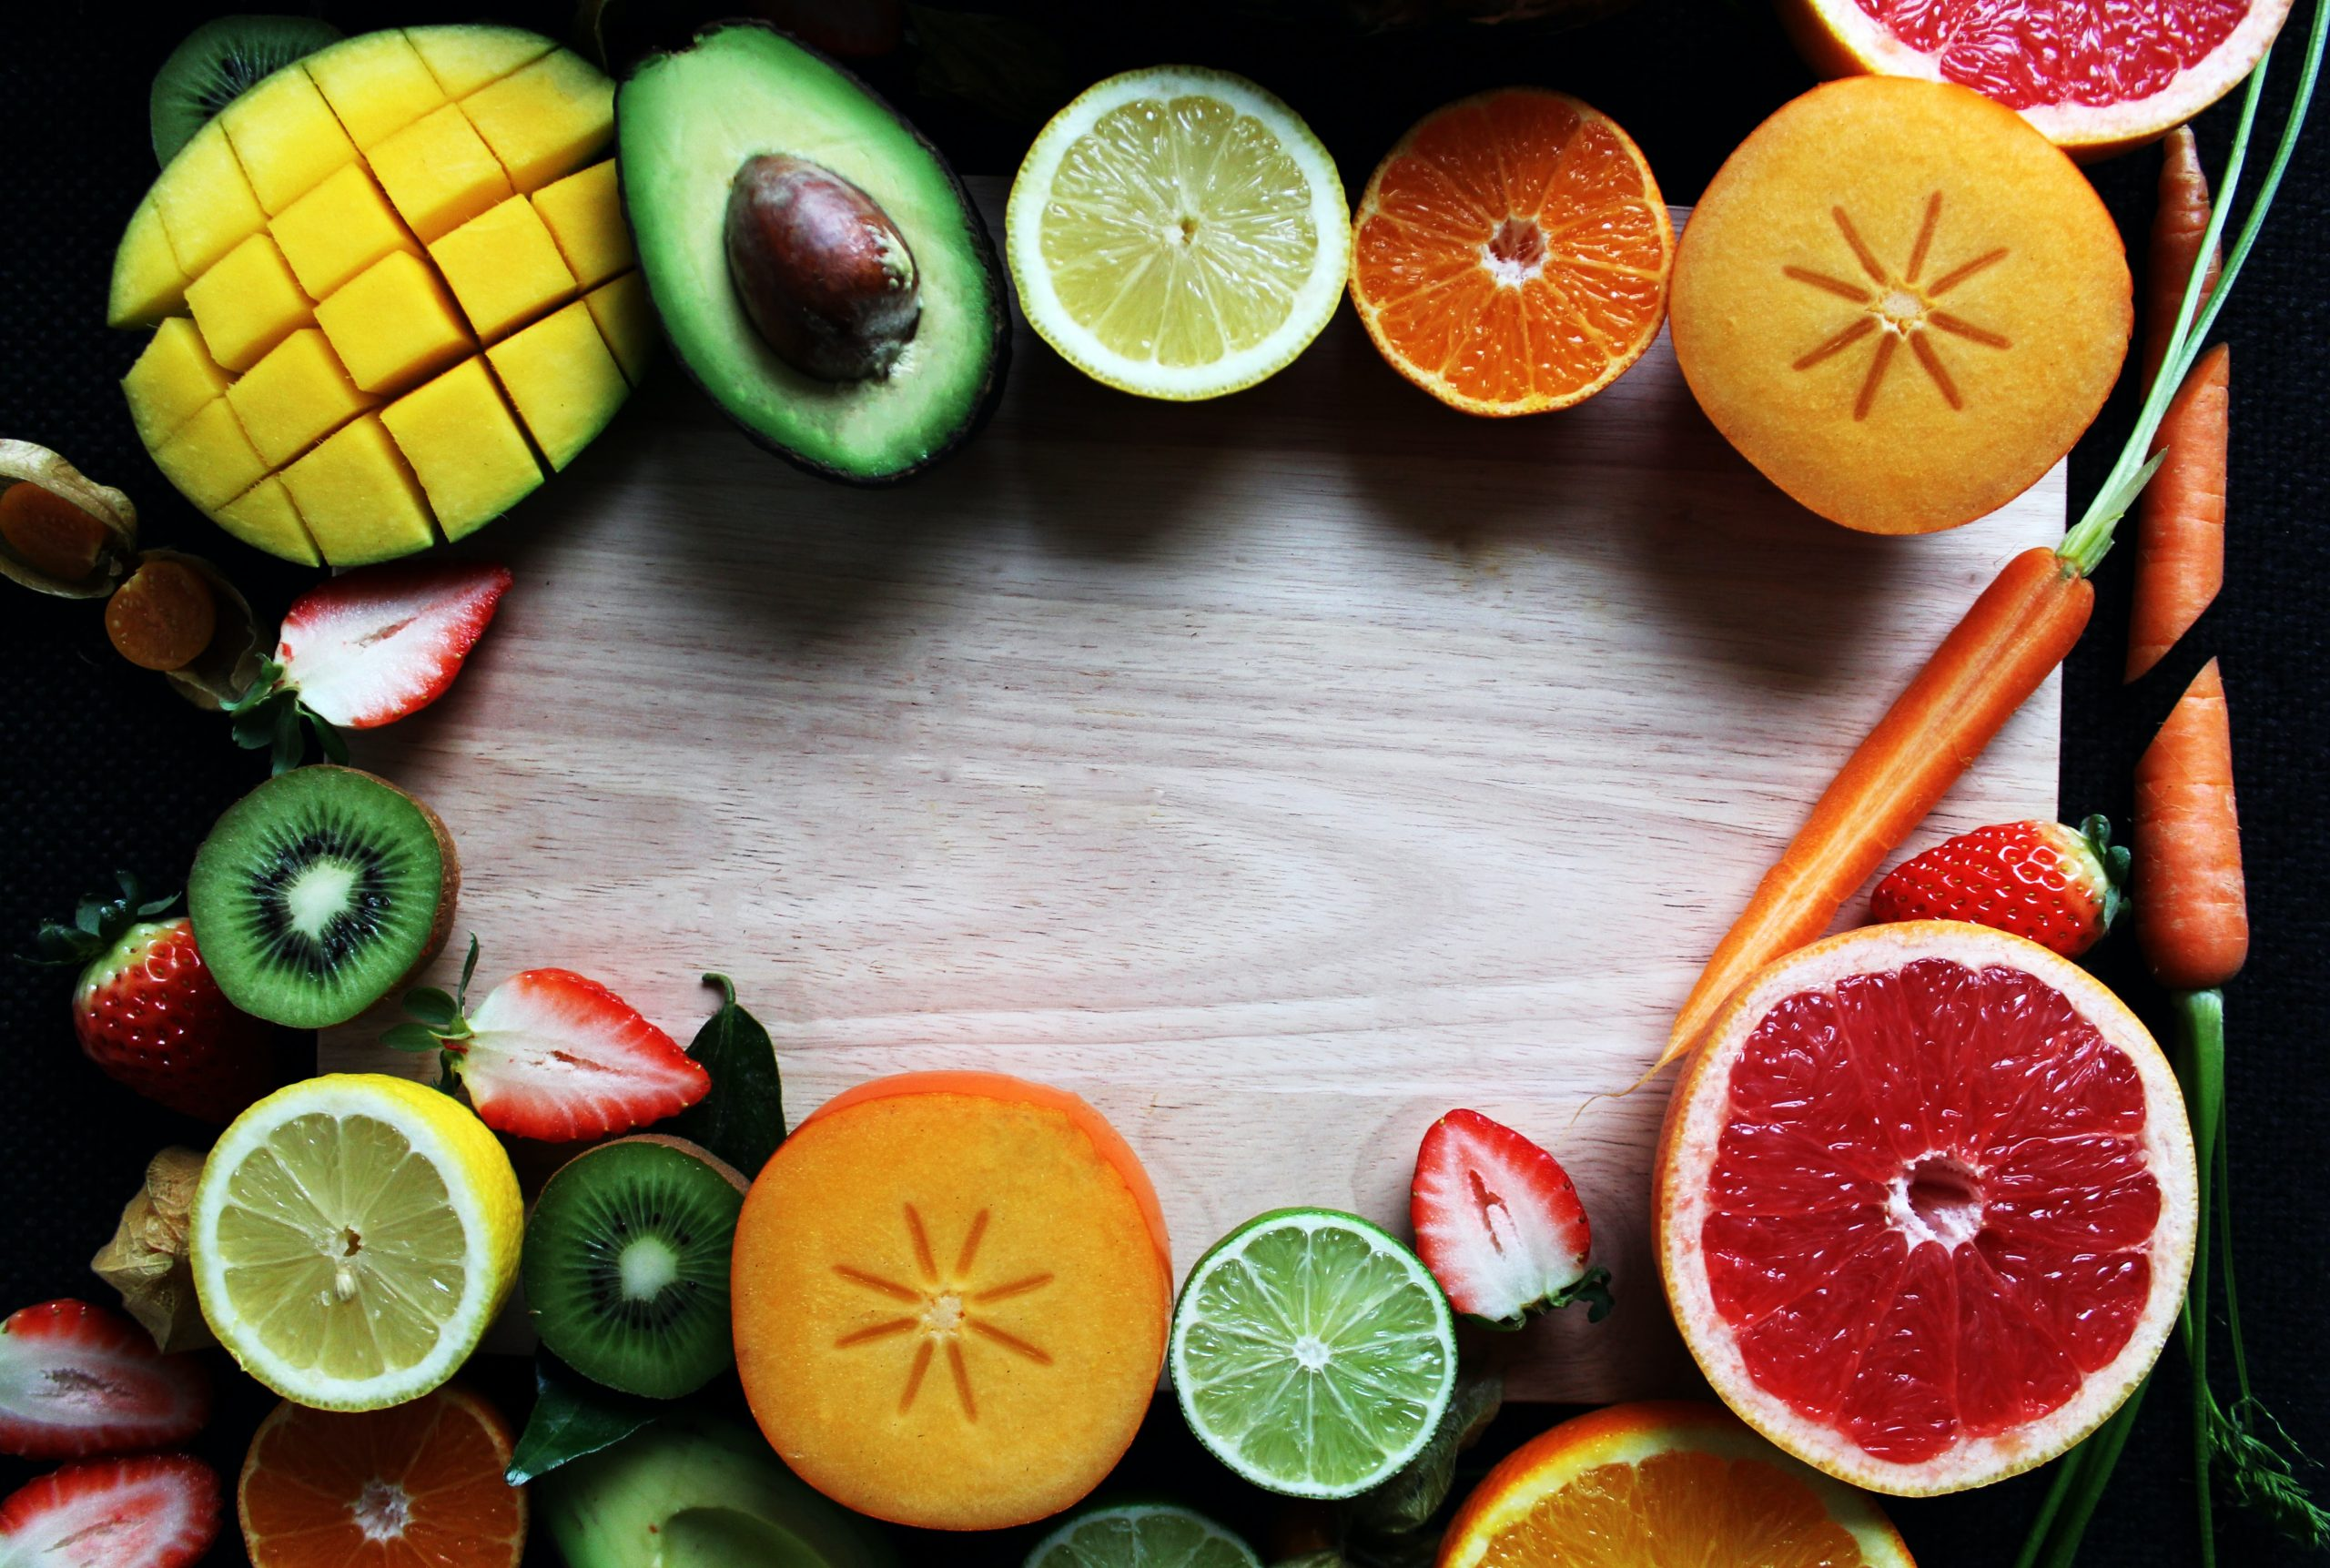 fruit-veg